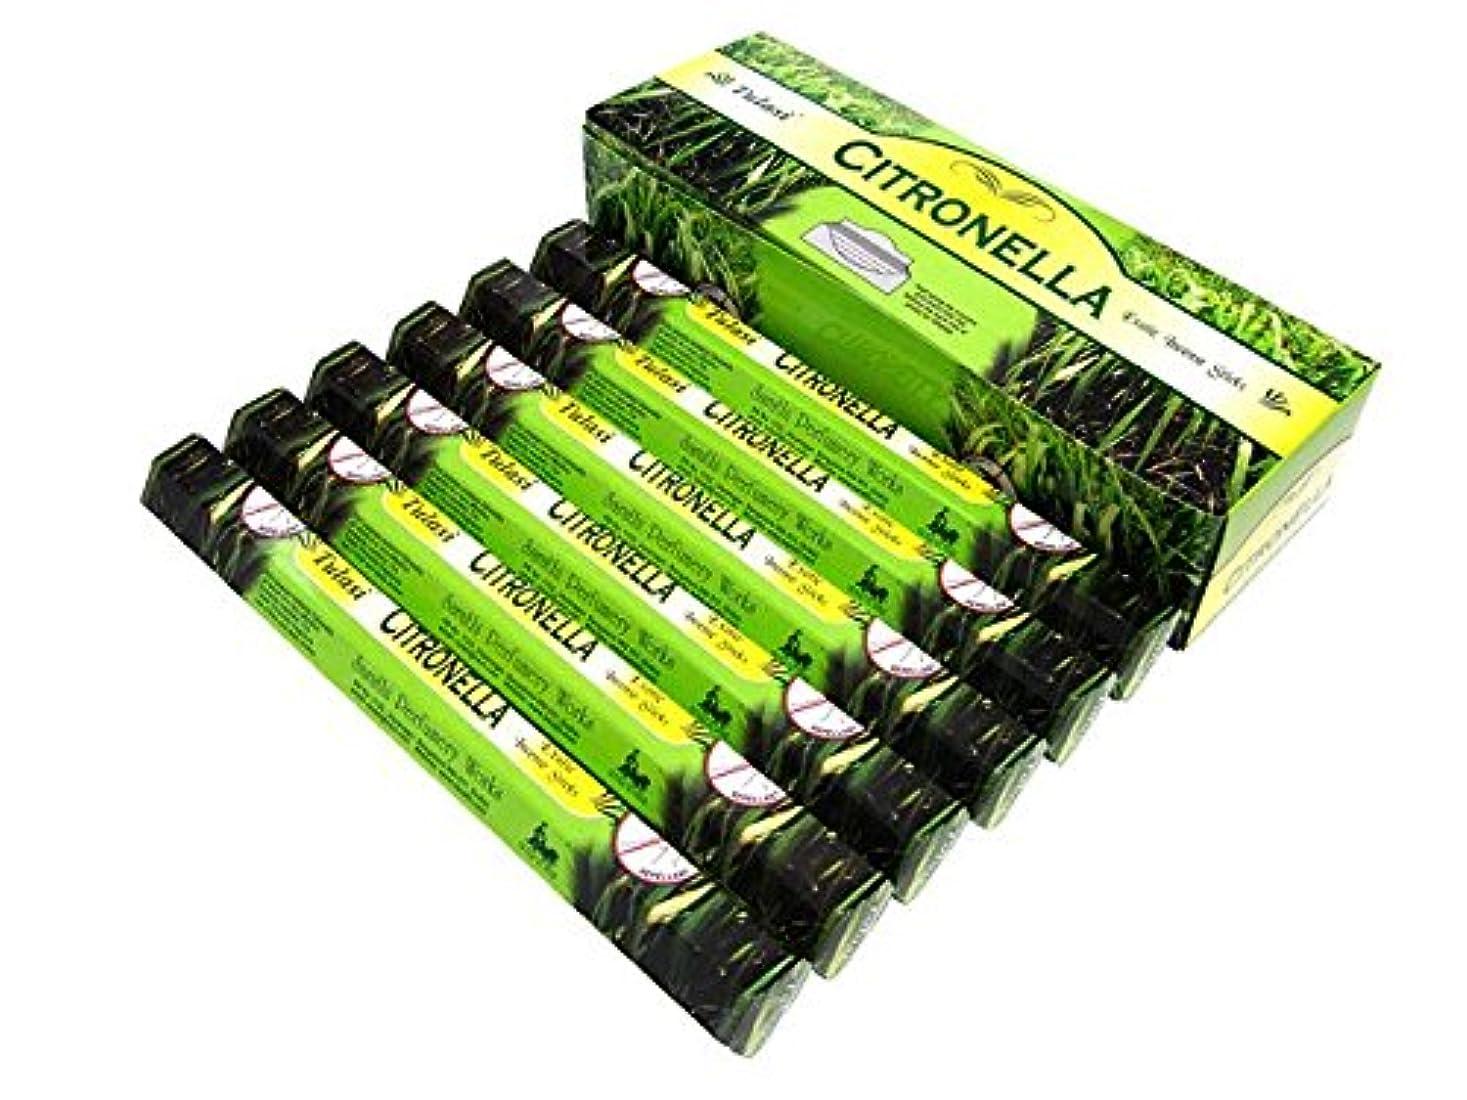 ブーム仕出します次へTULASI(トゥラシ) シトロネラ香 スティック CITRONELLA 6箱セット